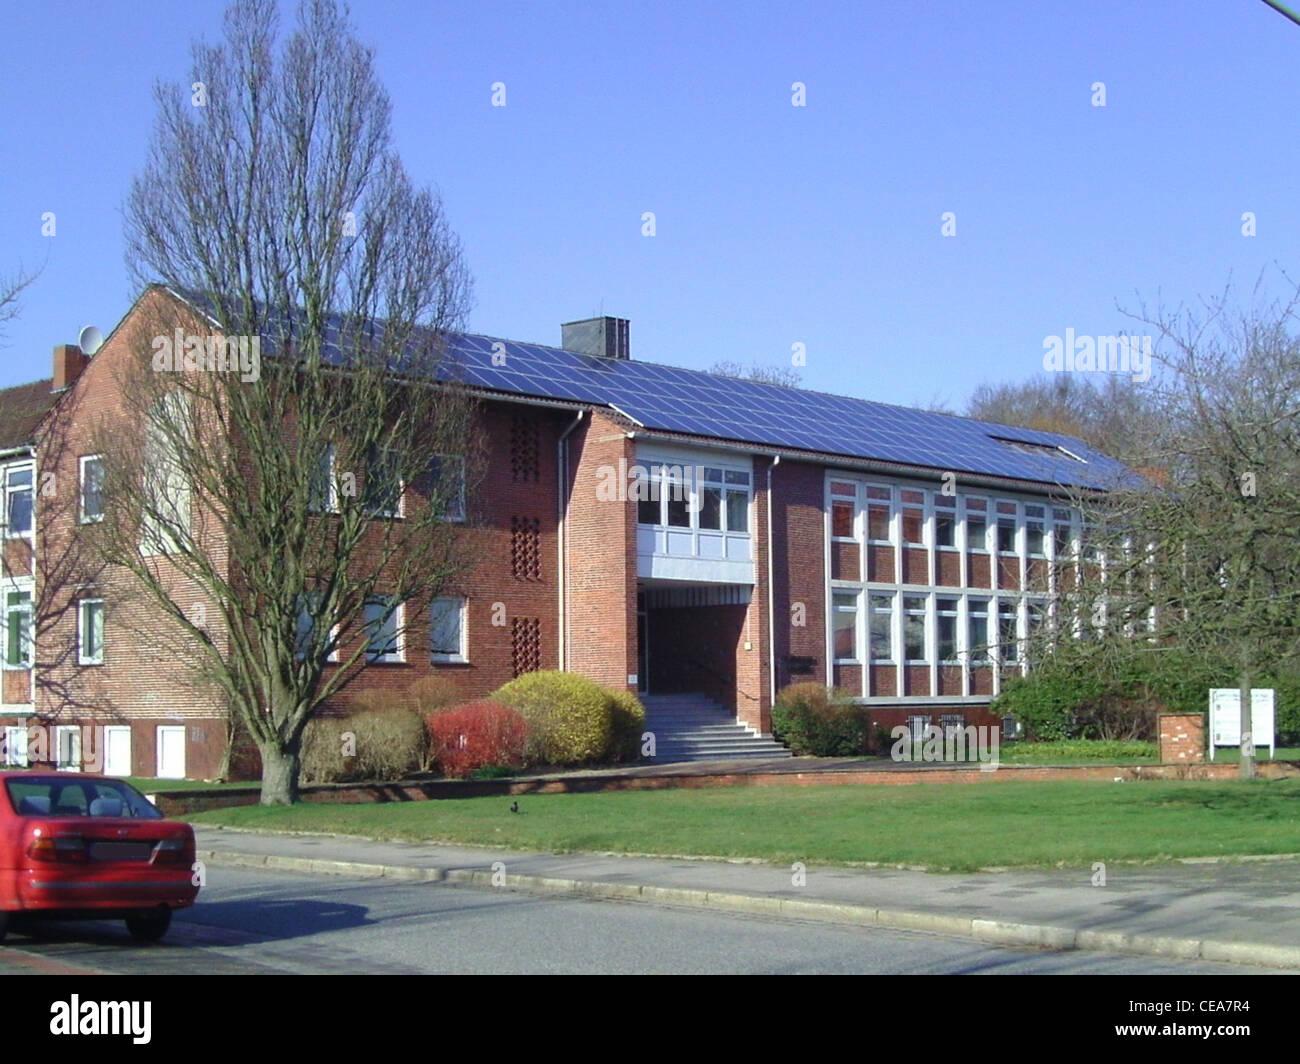 Edificio con paneles solares en el techo, en el norte de Alemania Imagen De Stock